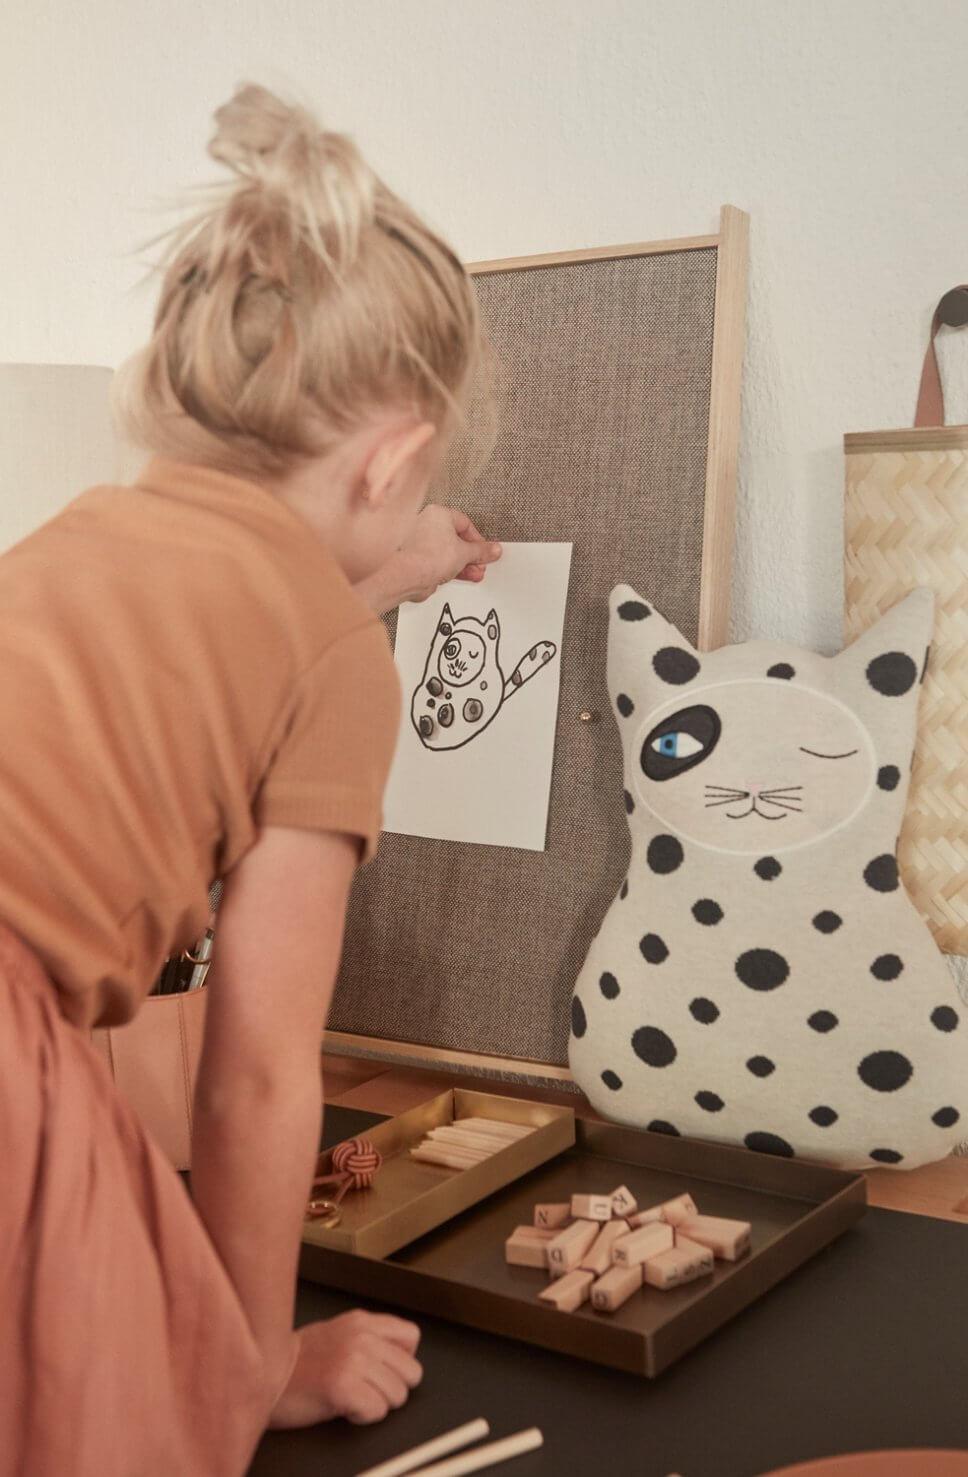 Mädchen pinnt an Schreibtisch ein Bild an eine Pinnwand